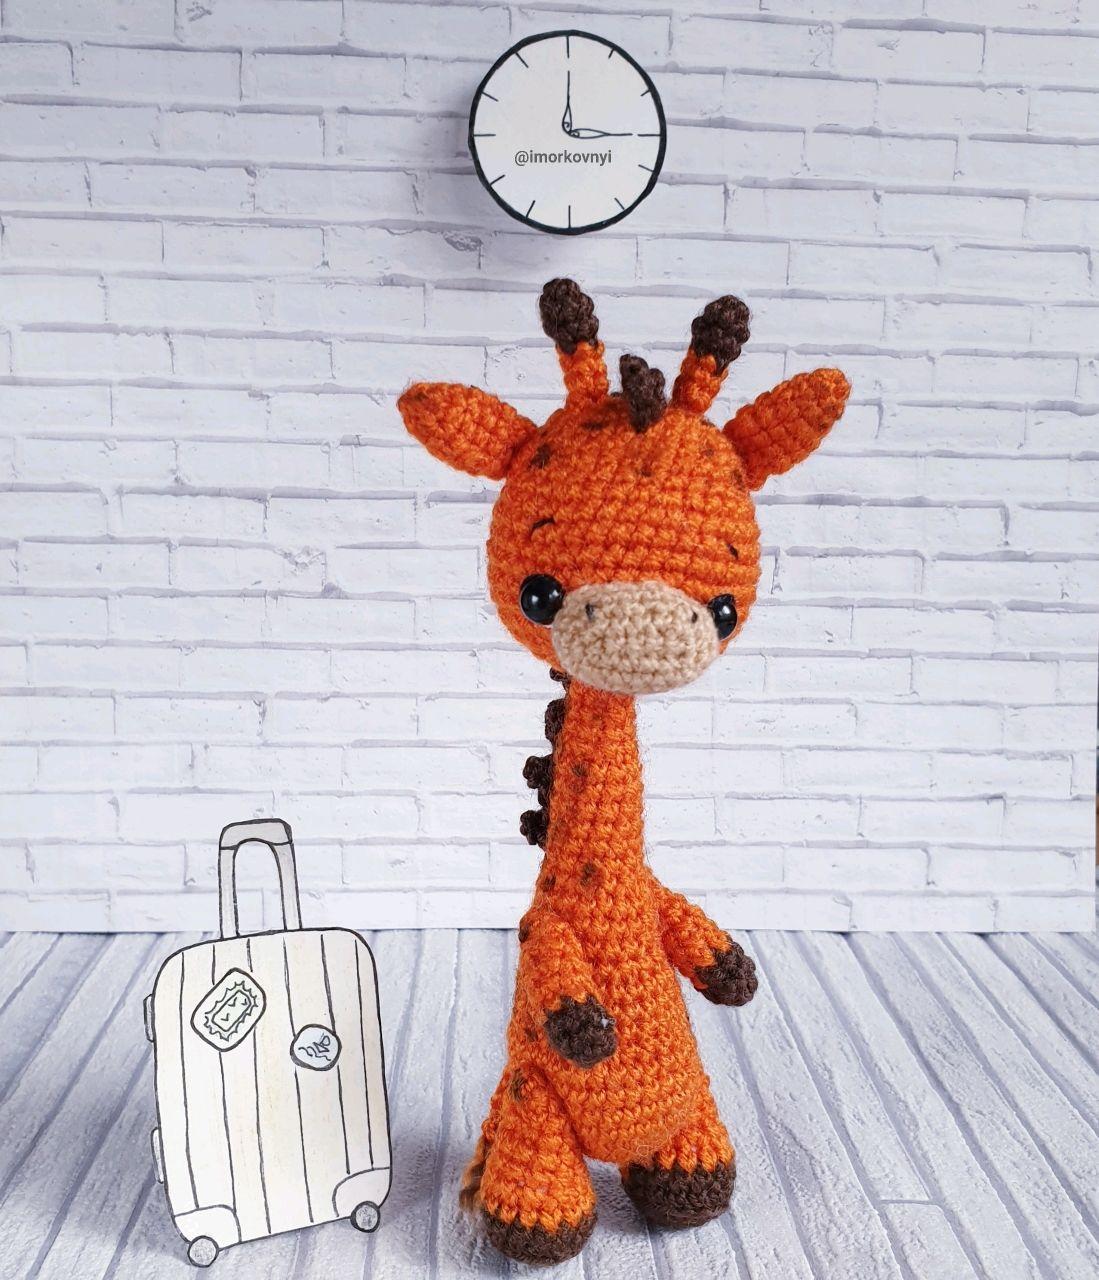 Жираф вязаная авторская игрушка крючком амигуруми подарок ребёнку, Игрушки, Москва, Фото №1